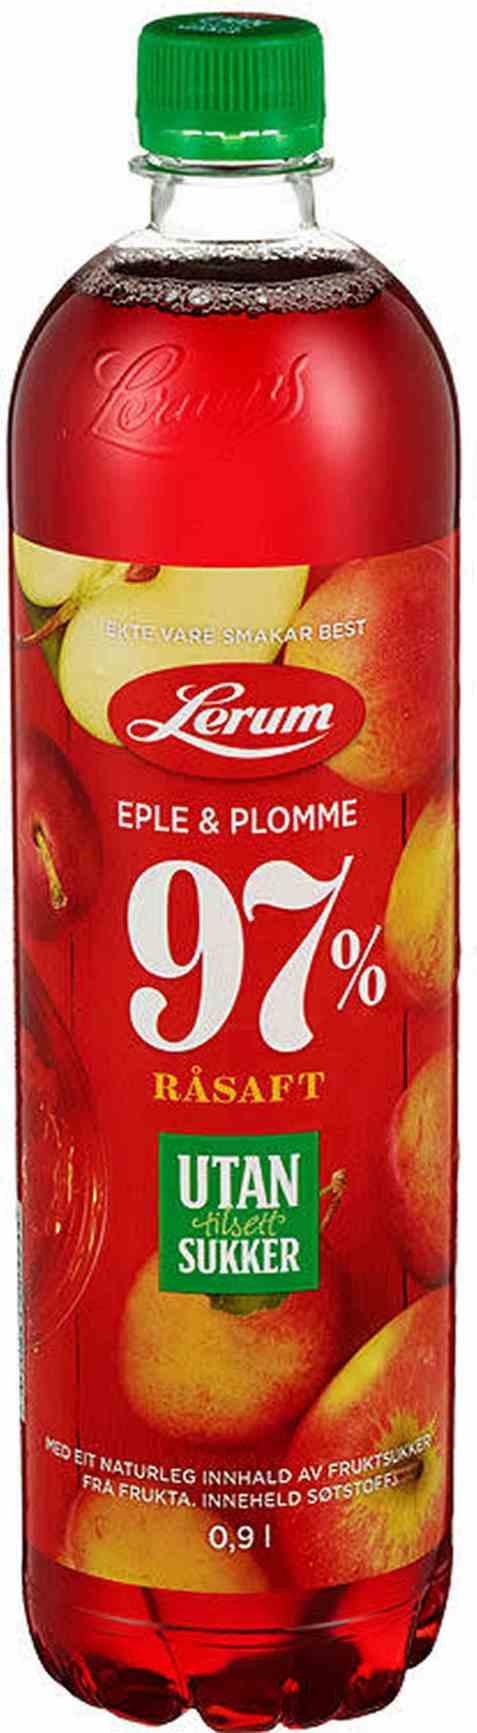 Bilde av Lerum eple-plommesaft utan tilsett sukker.